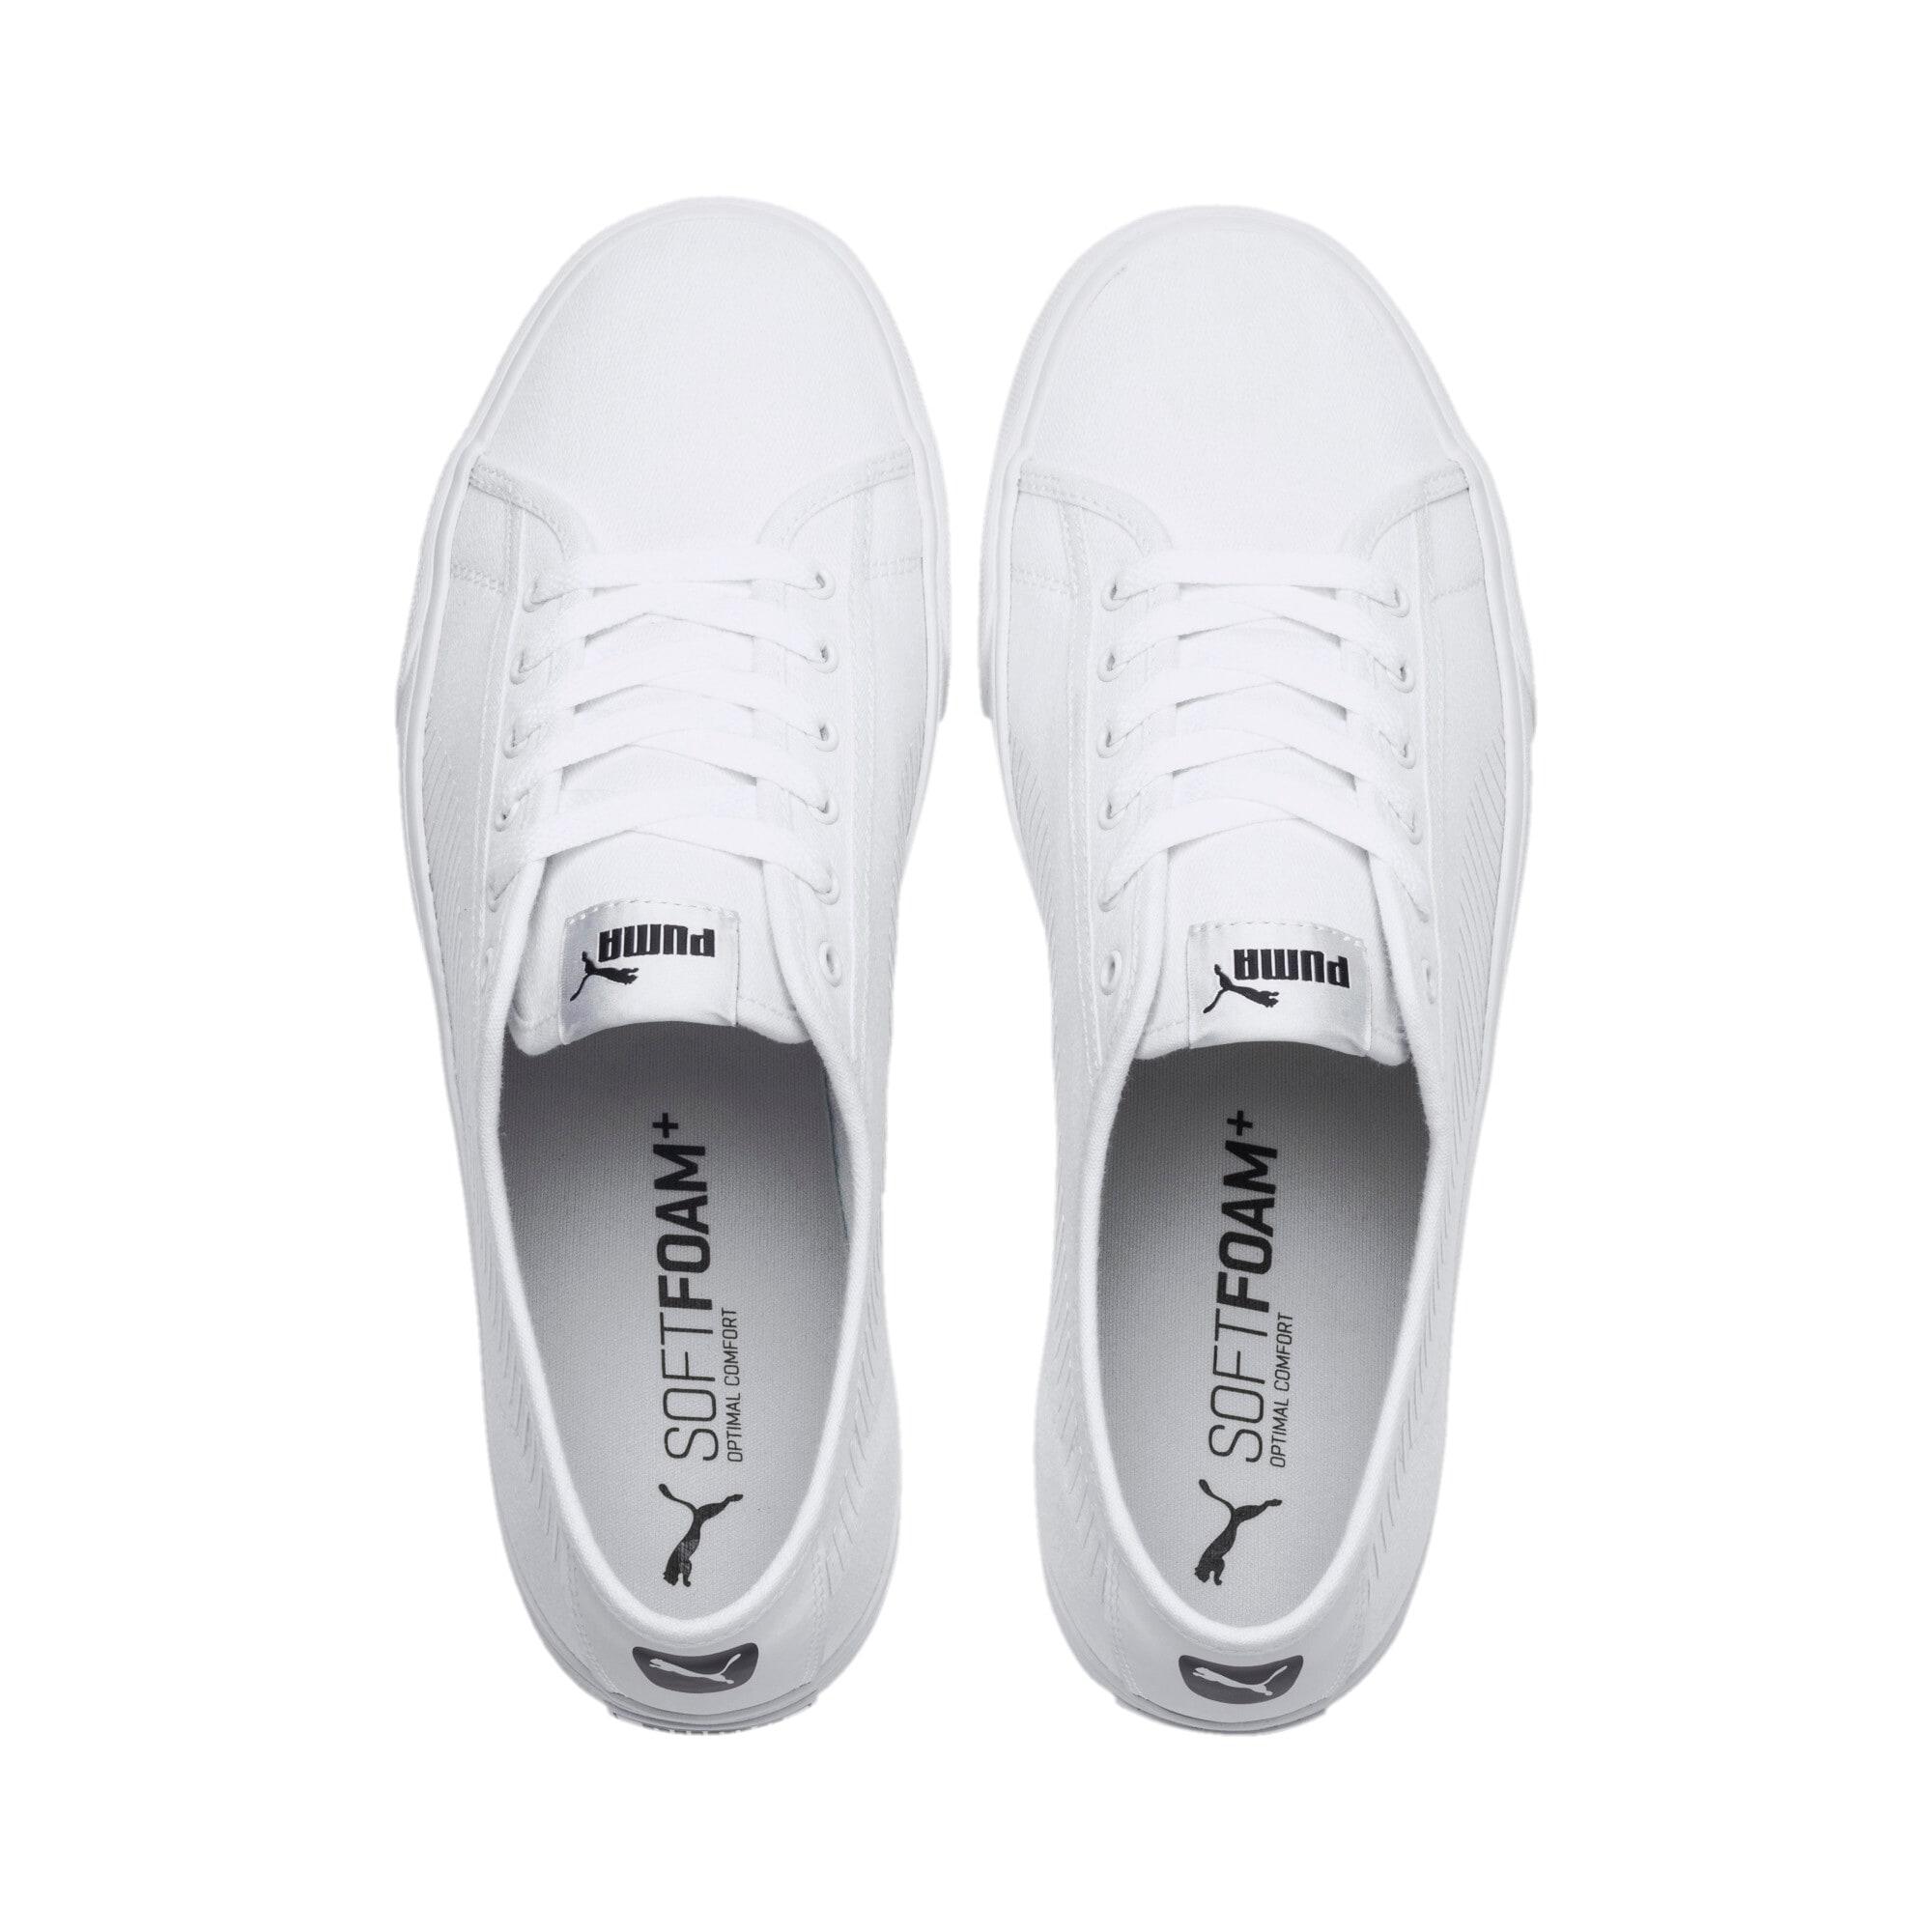 Thumbnail 6 of Bari Sneakers, Puma White-Puma White, medium